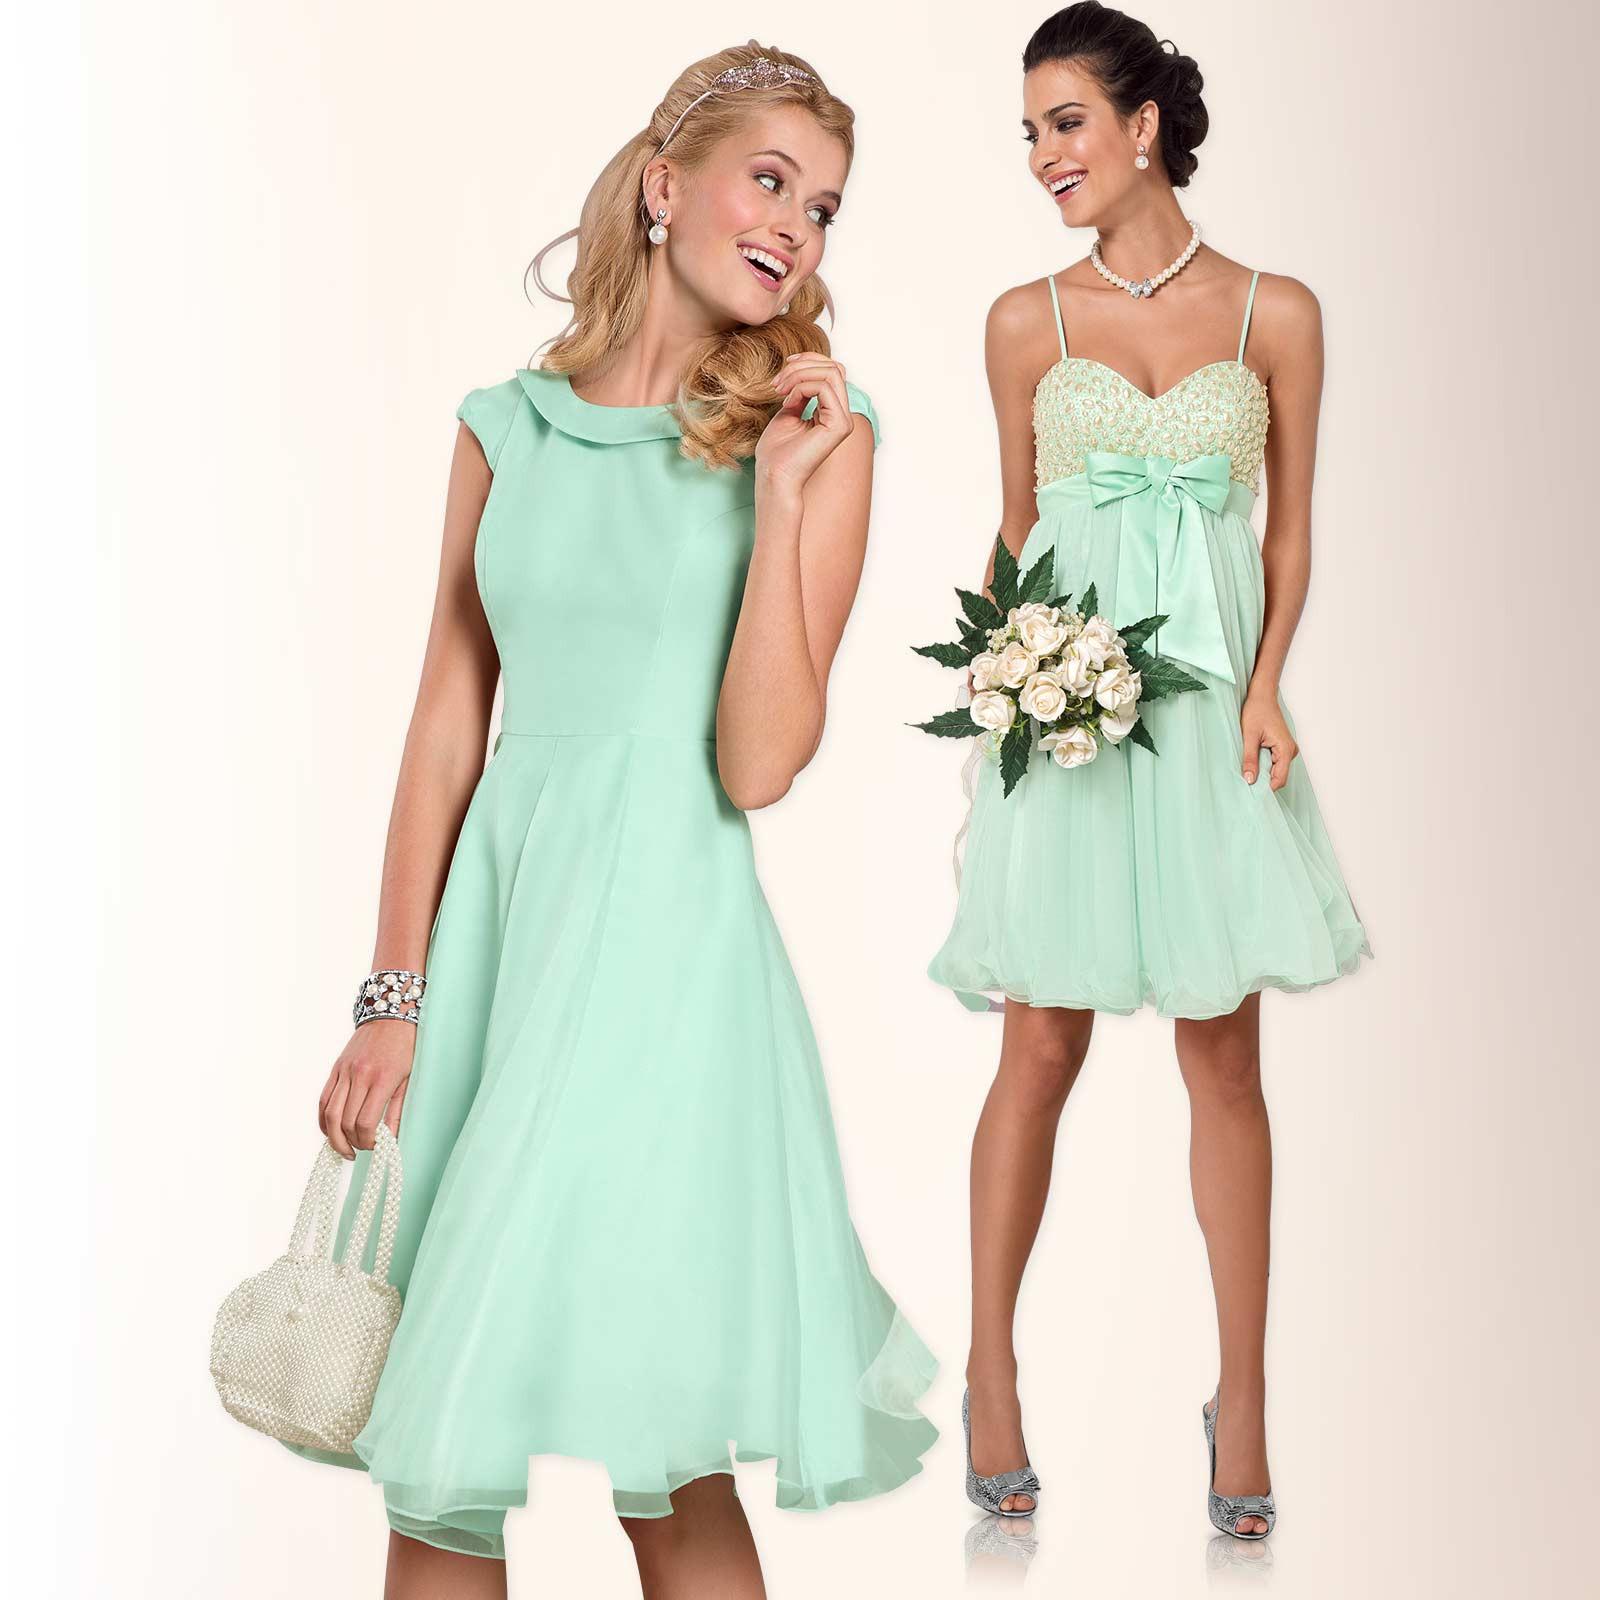 17 Cool Schöne Kleider Für Eine Hochzeit Ärmel  Kurze